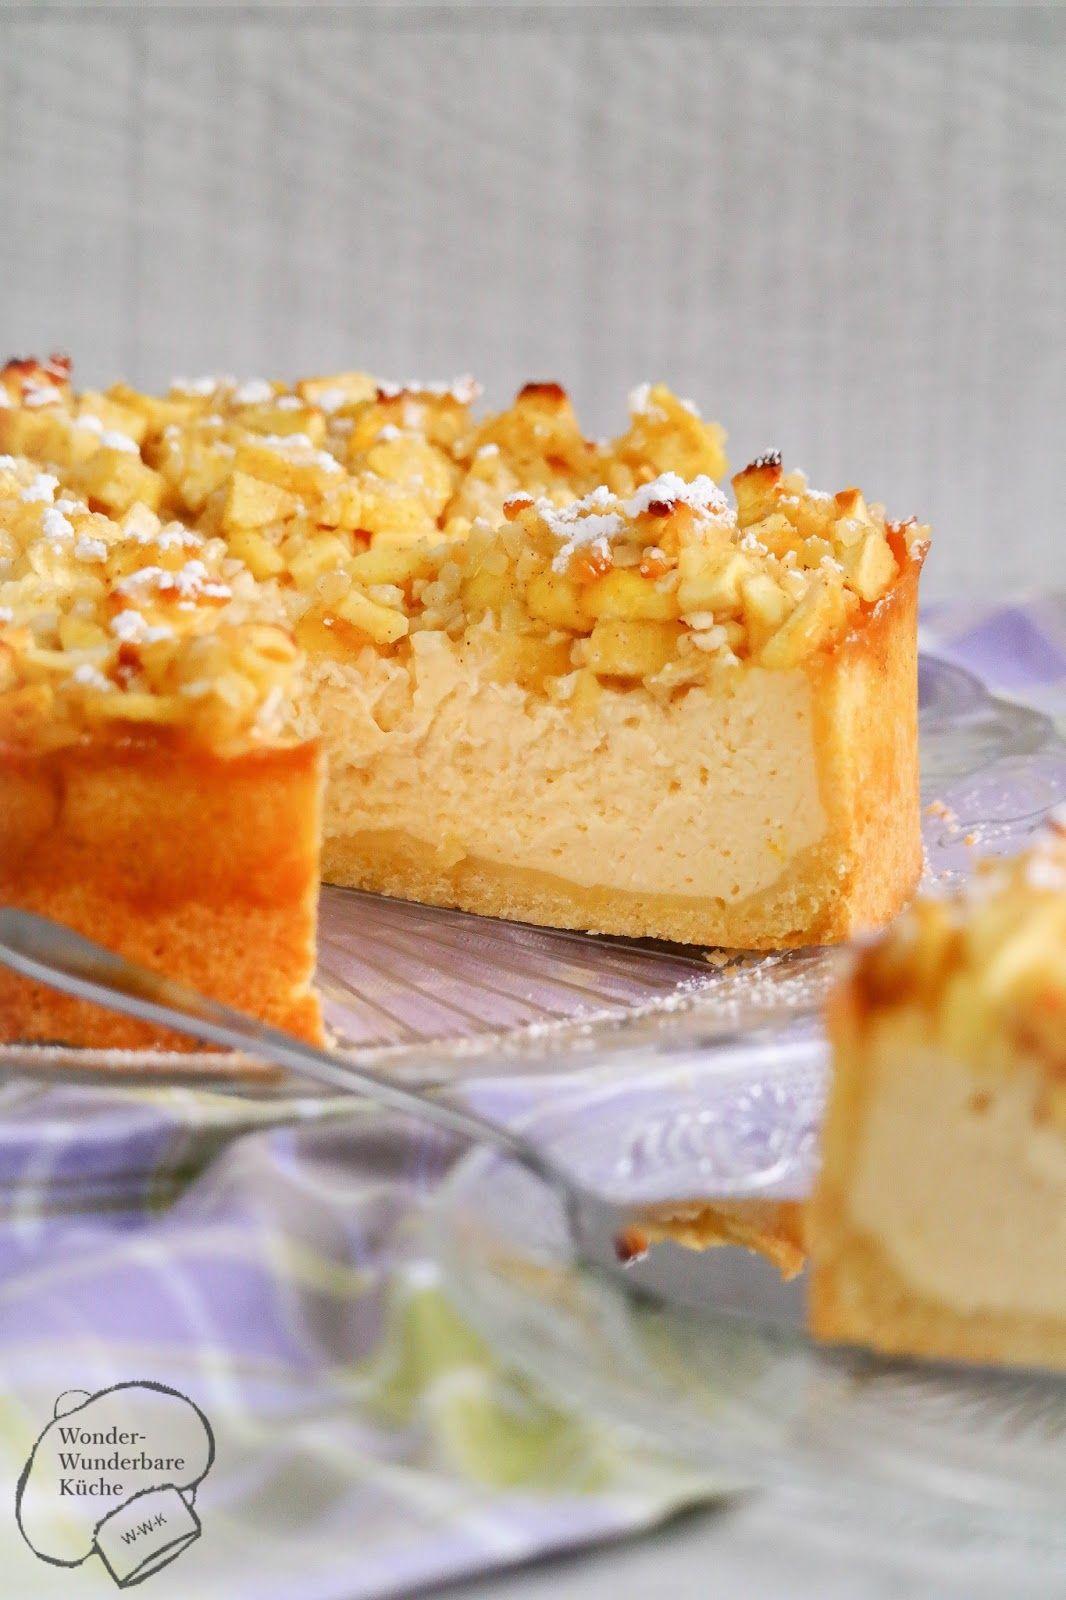 Kleine Kuchen Apfel Kasekuchen Kuchen Kleine Kuchen Backen Apfel Quark Kuchen